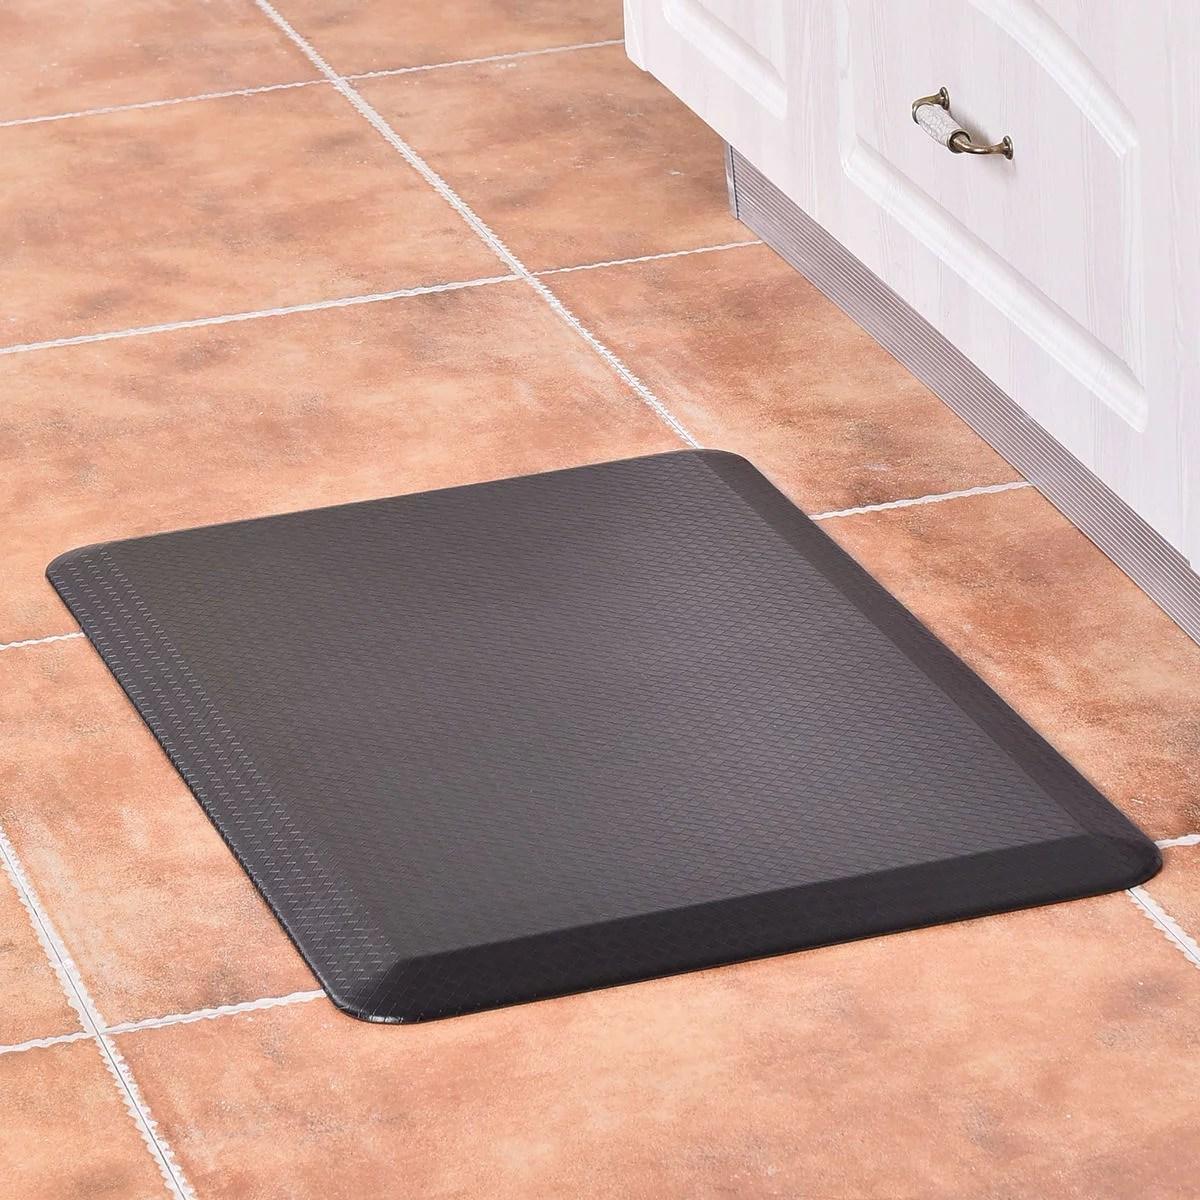 kitchen floor mats sponges goplus 3 4 non slip anti fatigue comfort mat